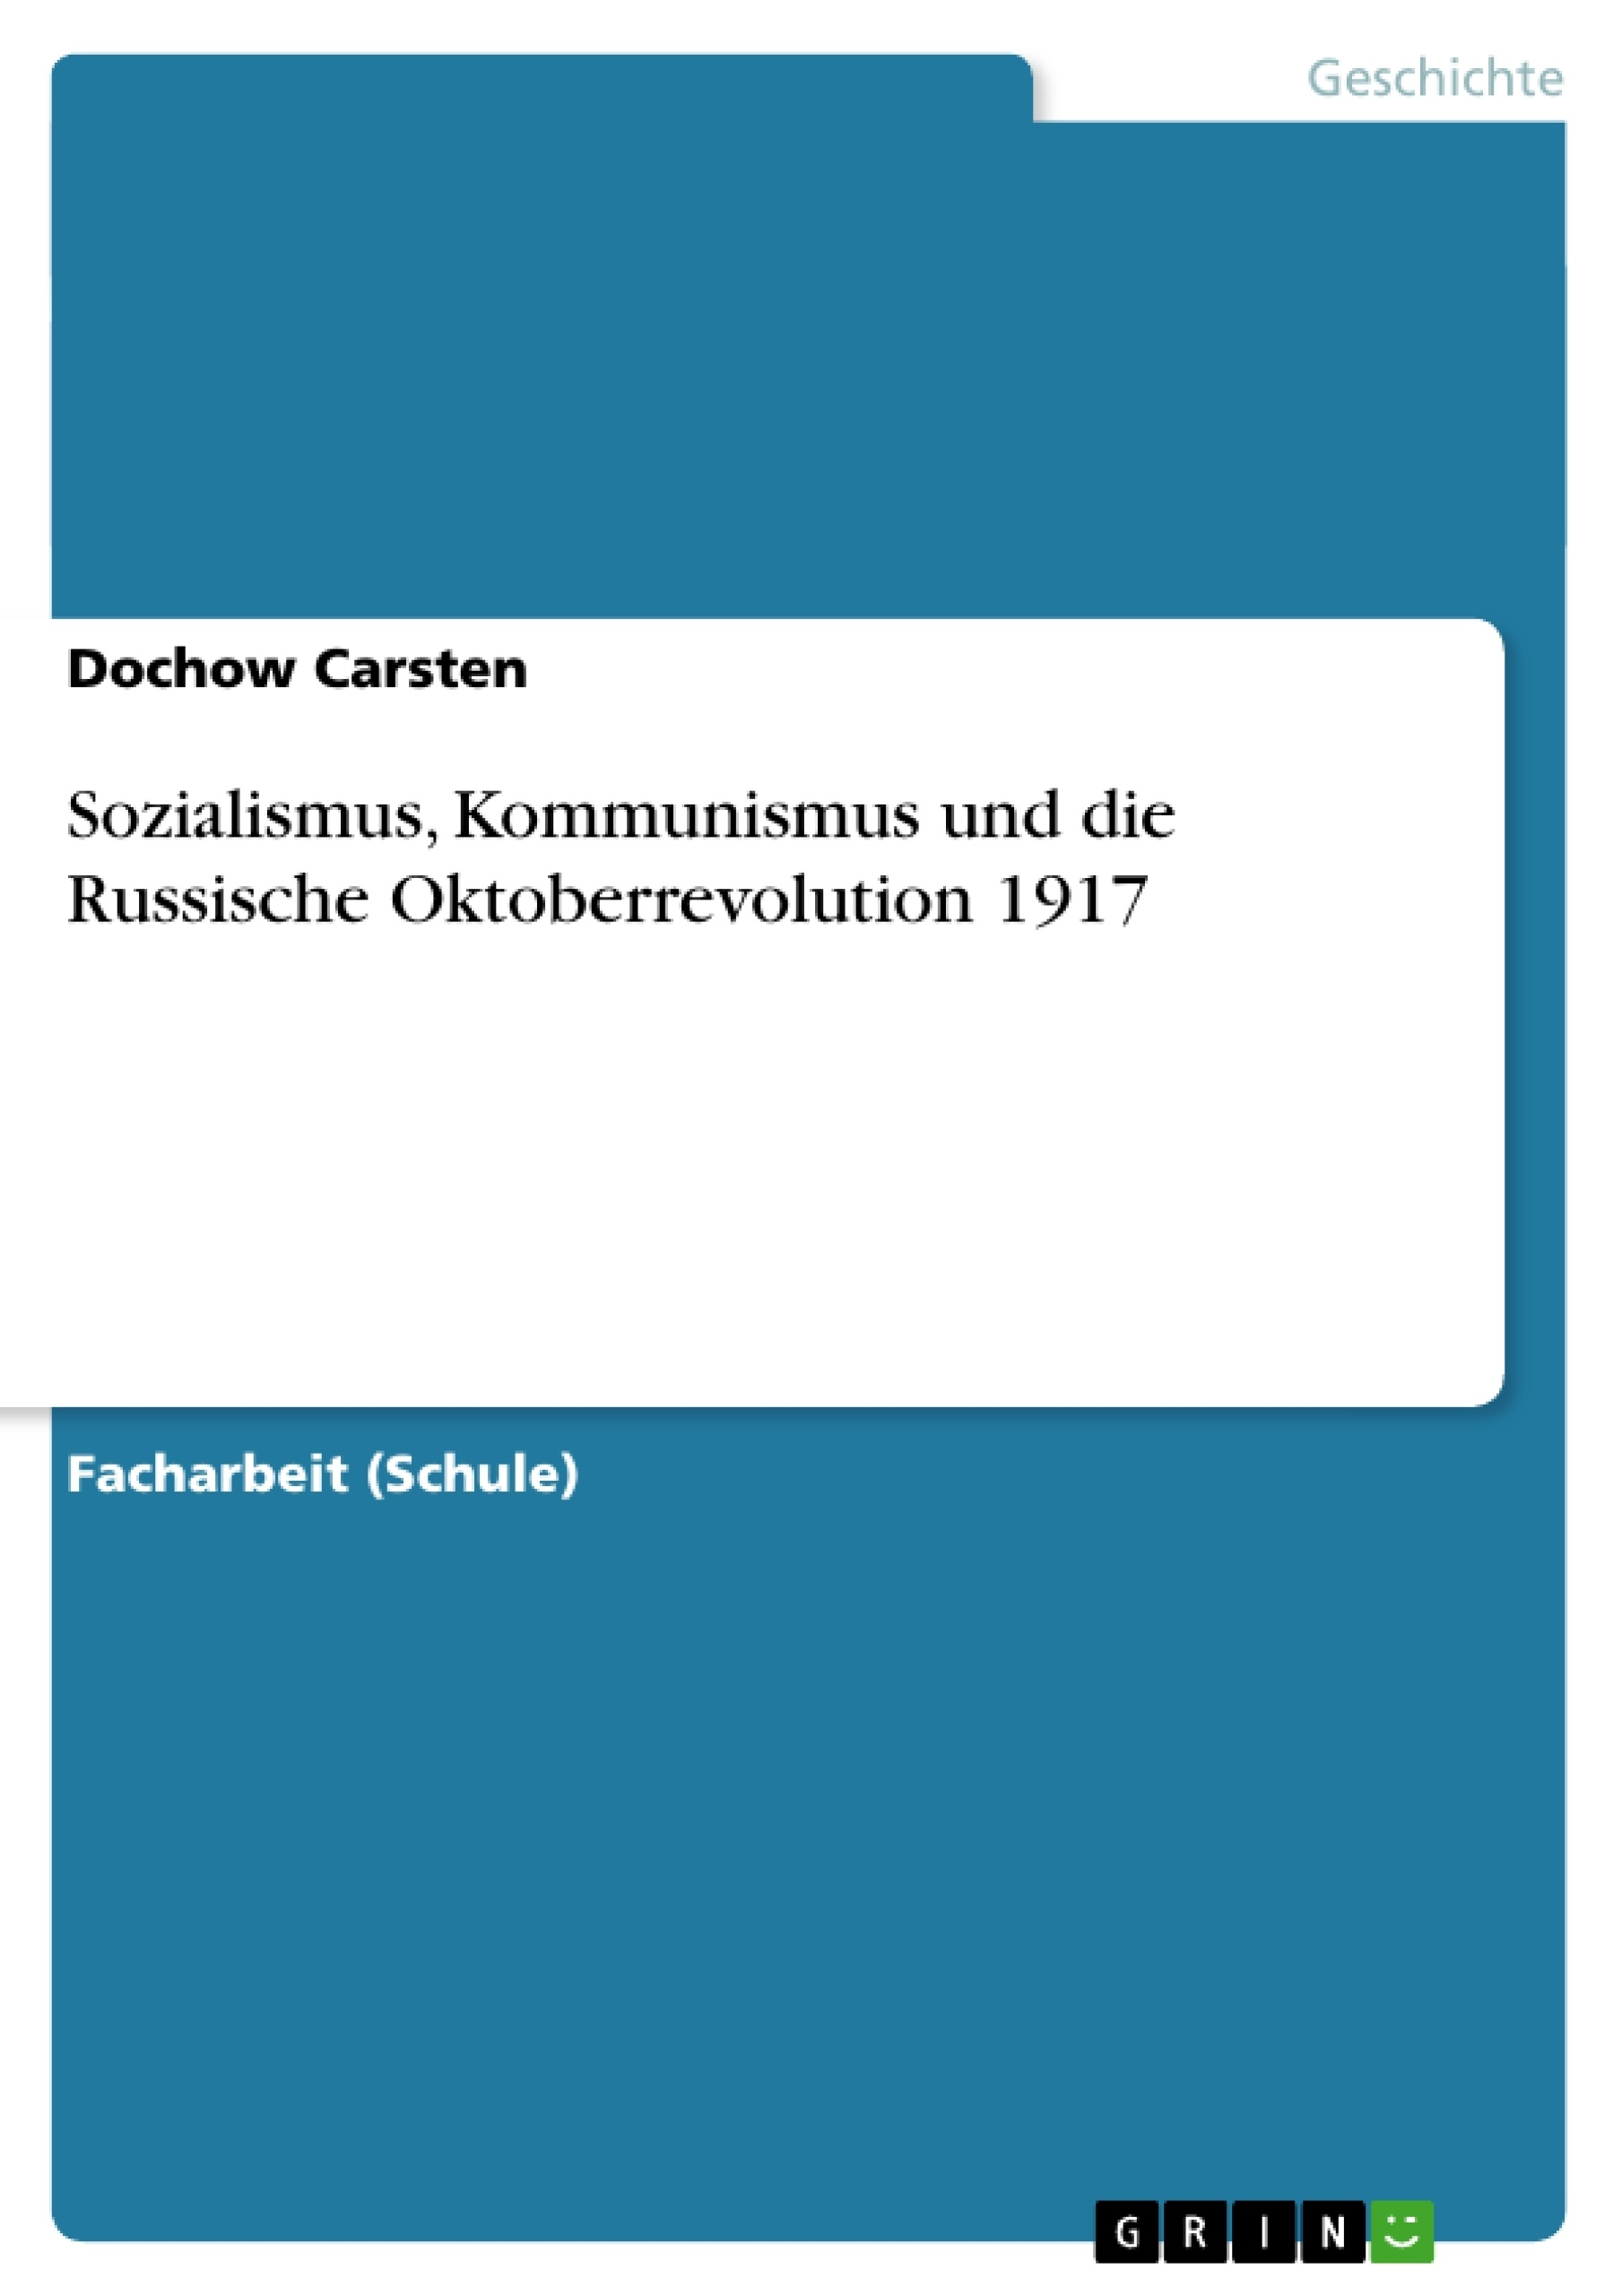 Titel: Sozialismus, Kommunismus und die Russische Oktoberrevolution 1917